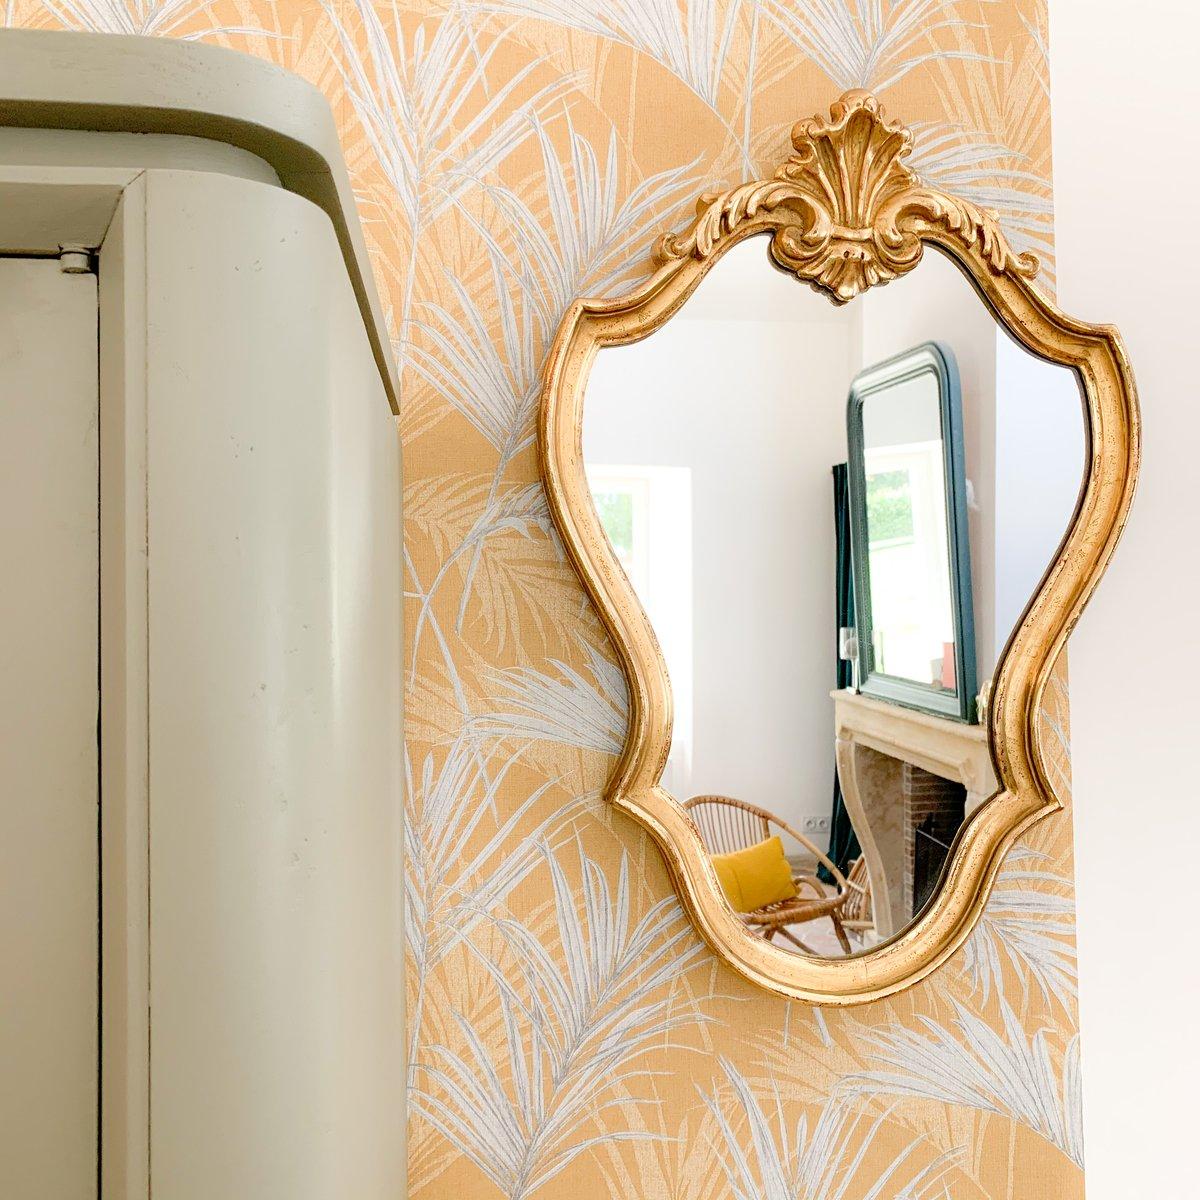 Image of Miroir Doré Palm